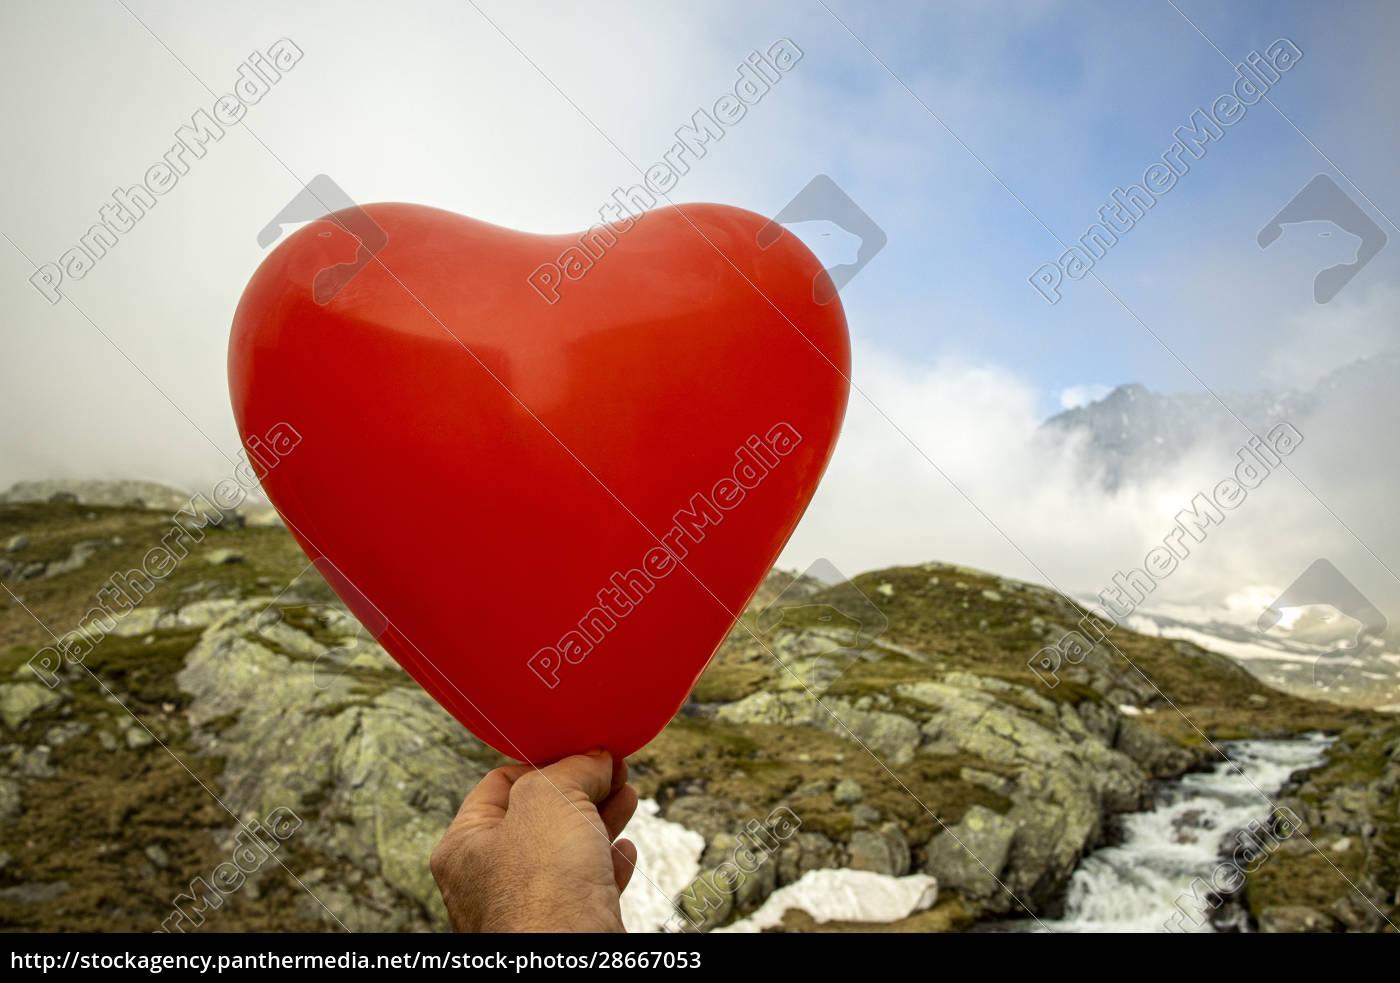 balloon, heart - 28667053